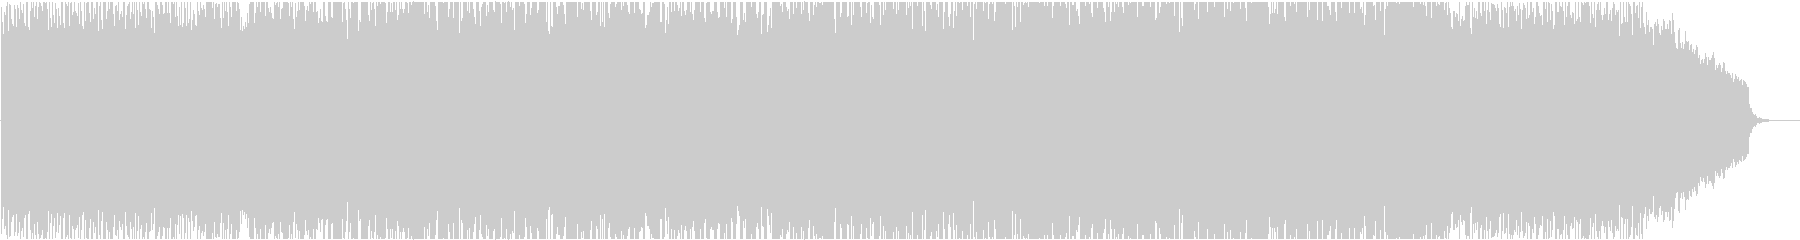 企業VP14 16bit48kHzVerの未再生の波形